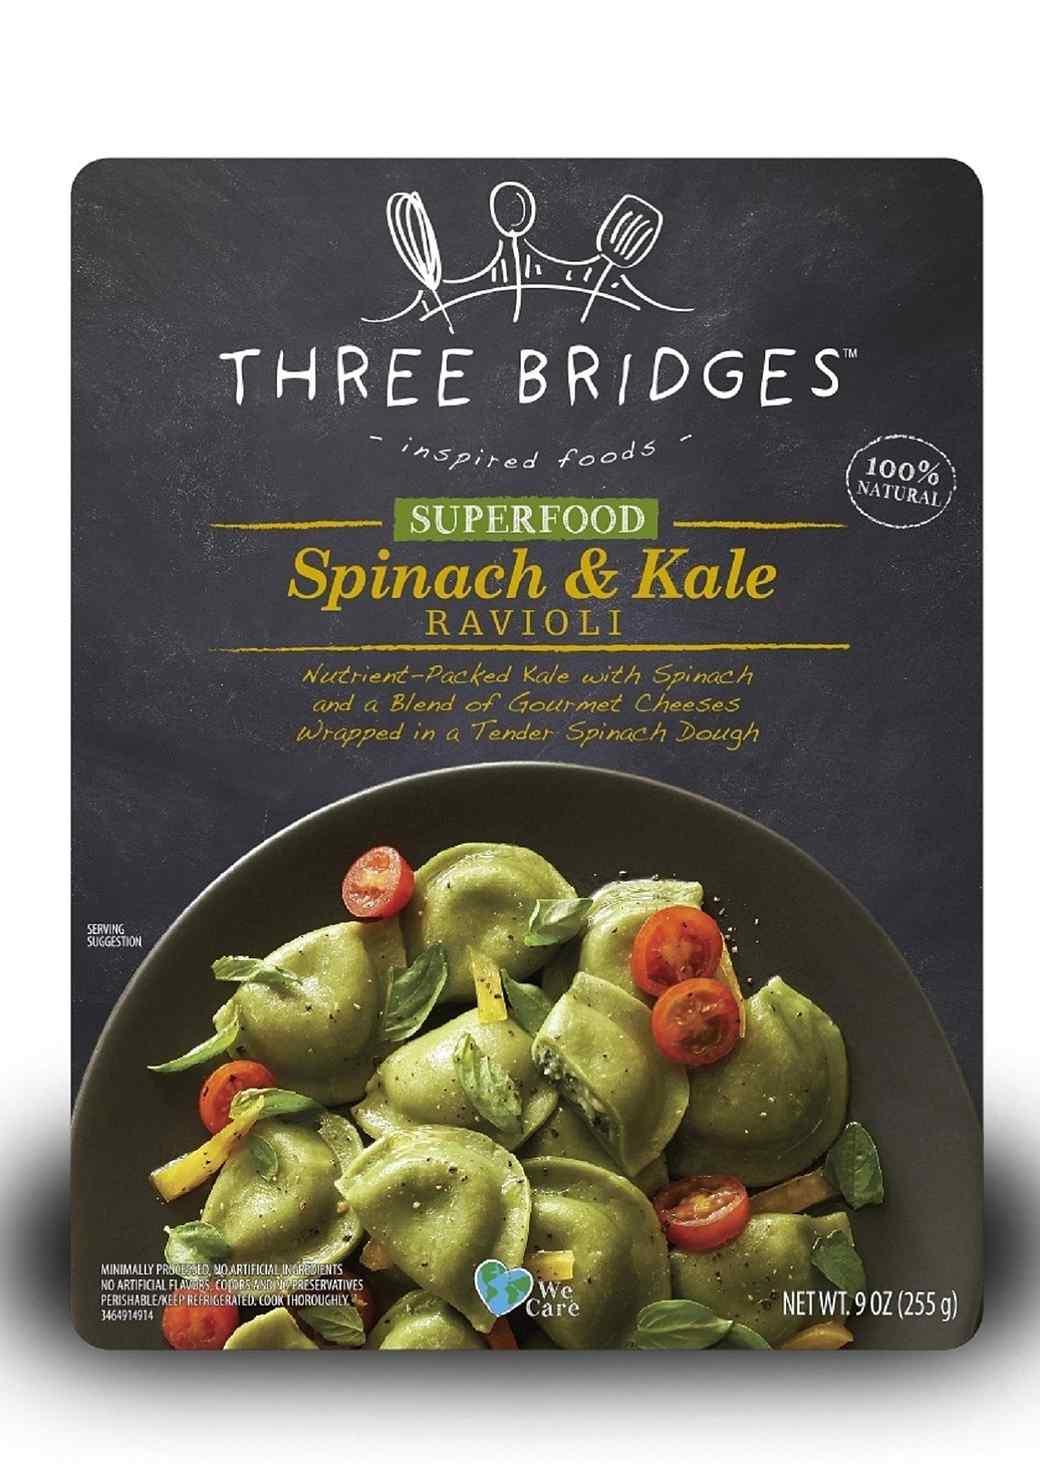 Three-Bridges-Superfood-Ravioli-for-Martha-Stewart.jpg (skyword:218599)